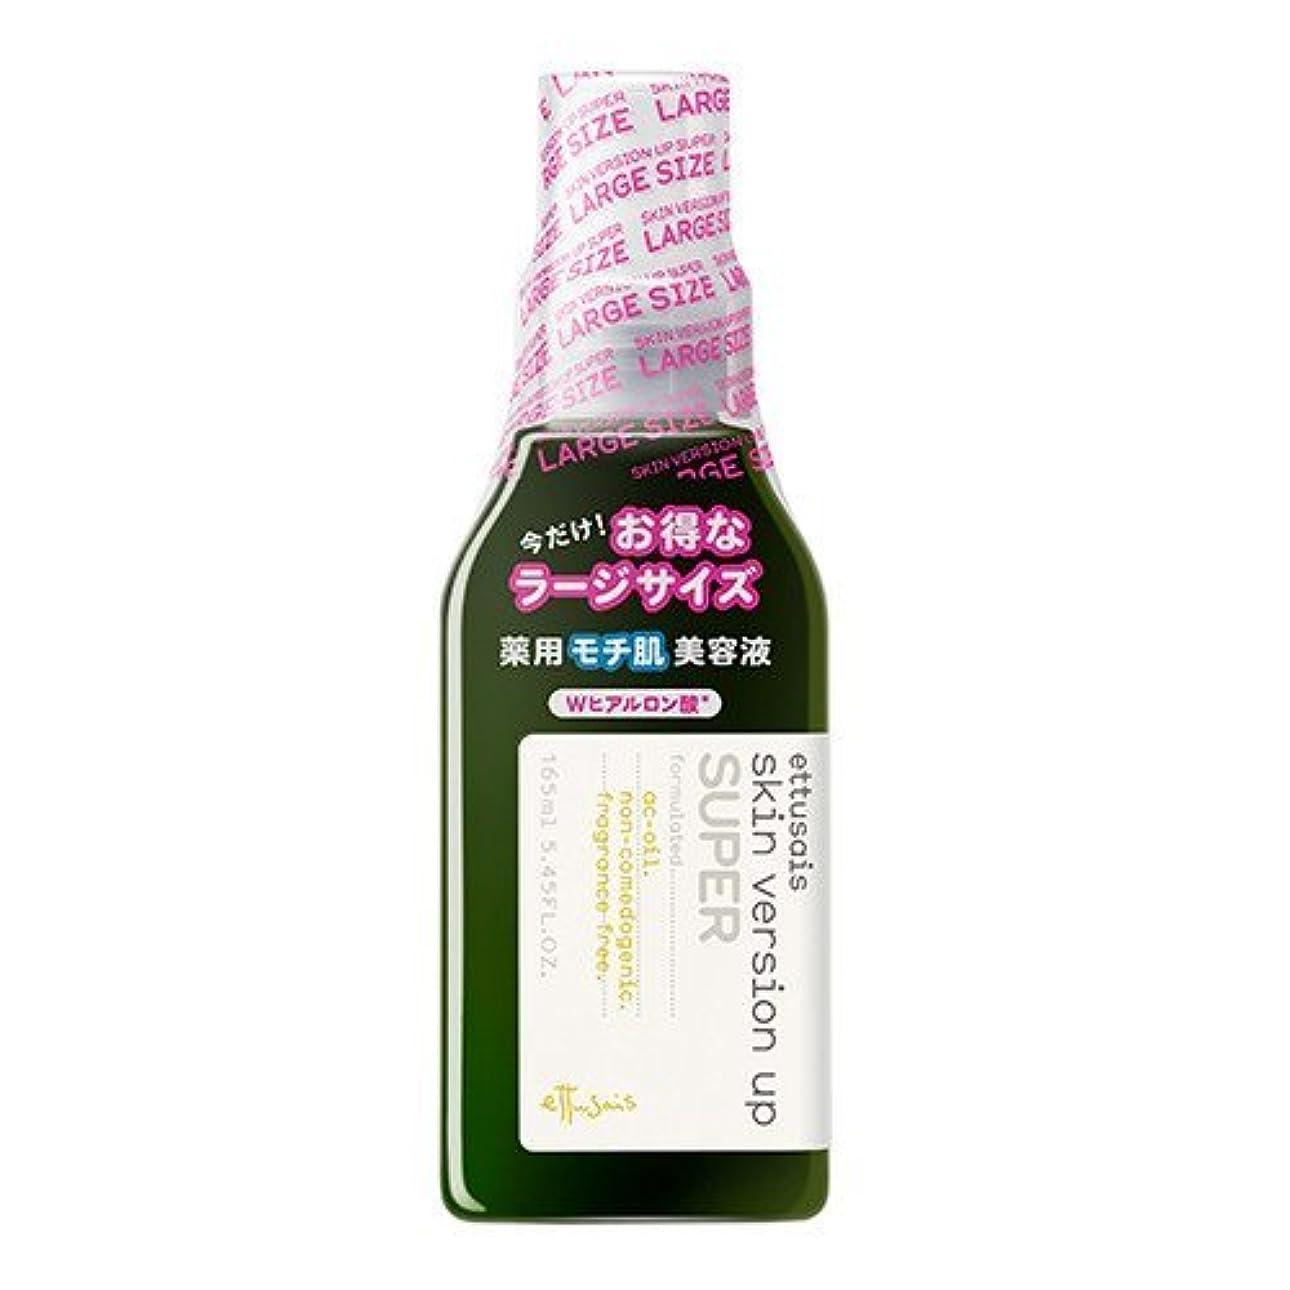 甘味エスカレートピンチエテュセ 薬用 スキンバージョンアップ SP (ラージ) 165ml